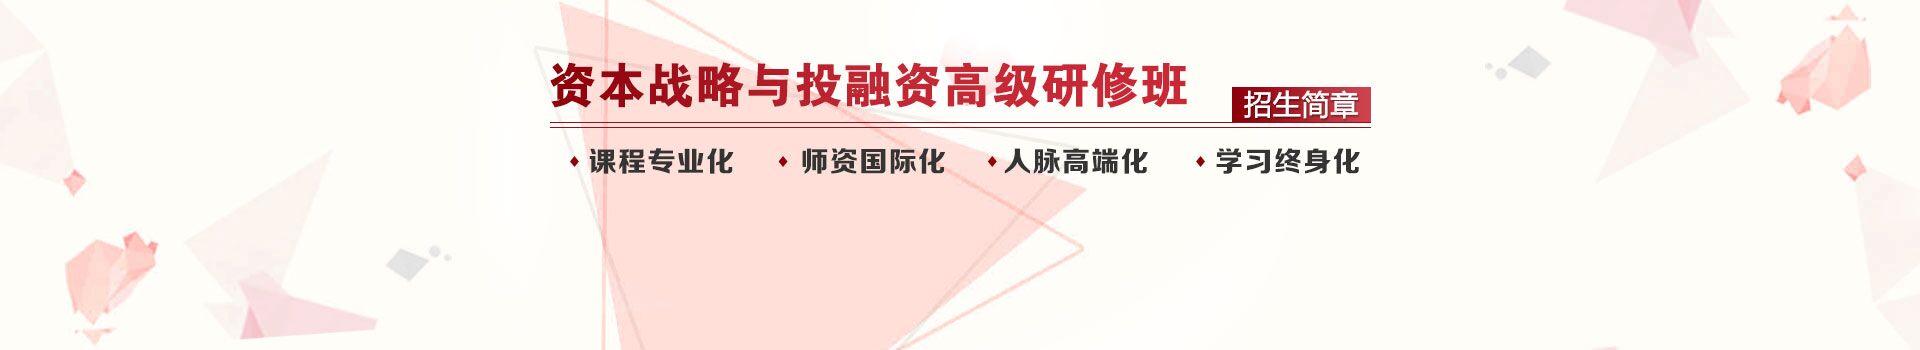 北京大学资本战略与投融资总裁高级研修班招生简章